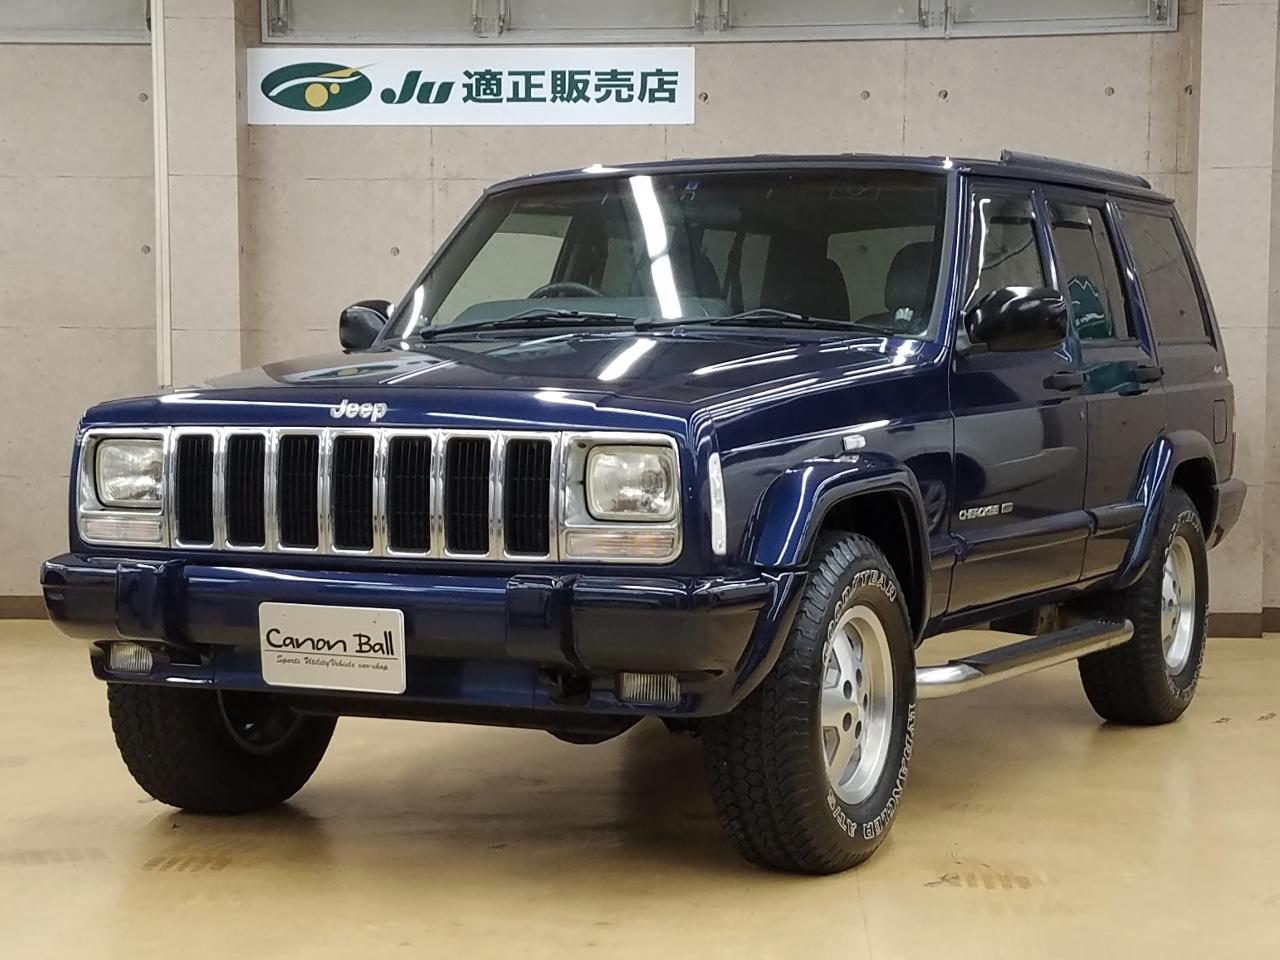 LTD 黒本革シート&ウッドインテリア ビルトイン式SDナビ&地デジフルセグTV&Bluetooth一体機 XJ型Jeep最終モデル のイメージ画像です